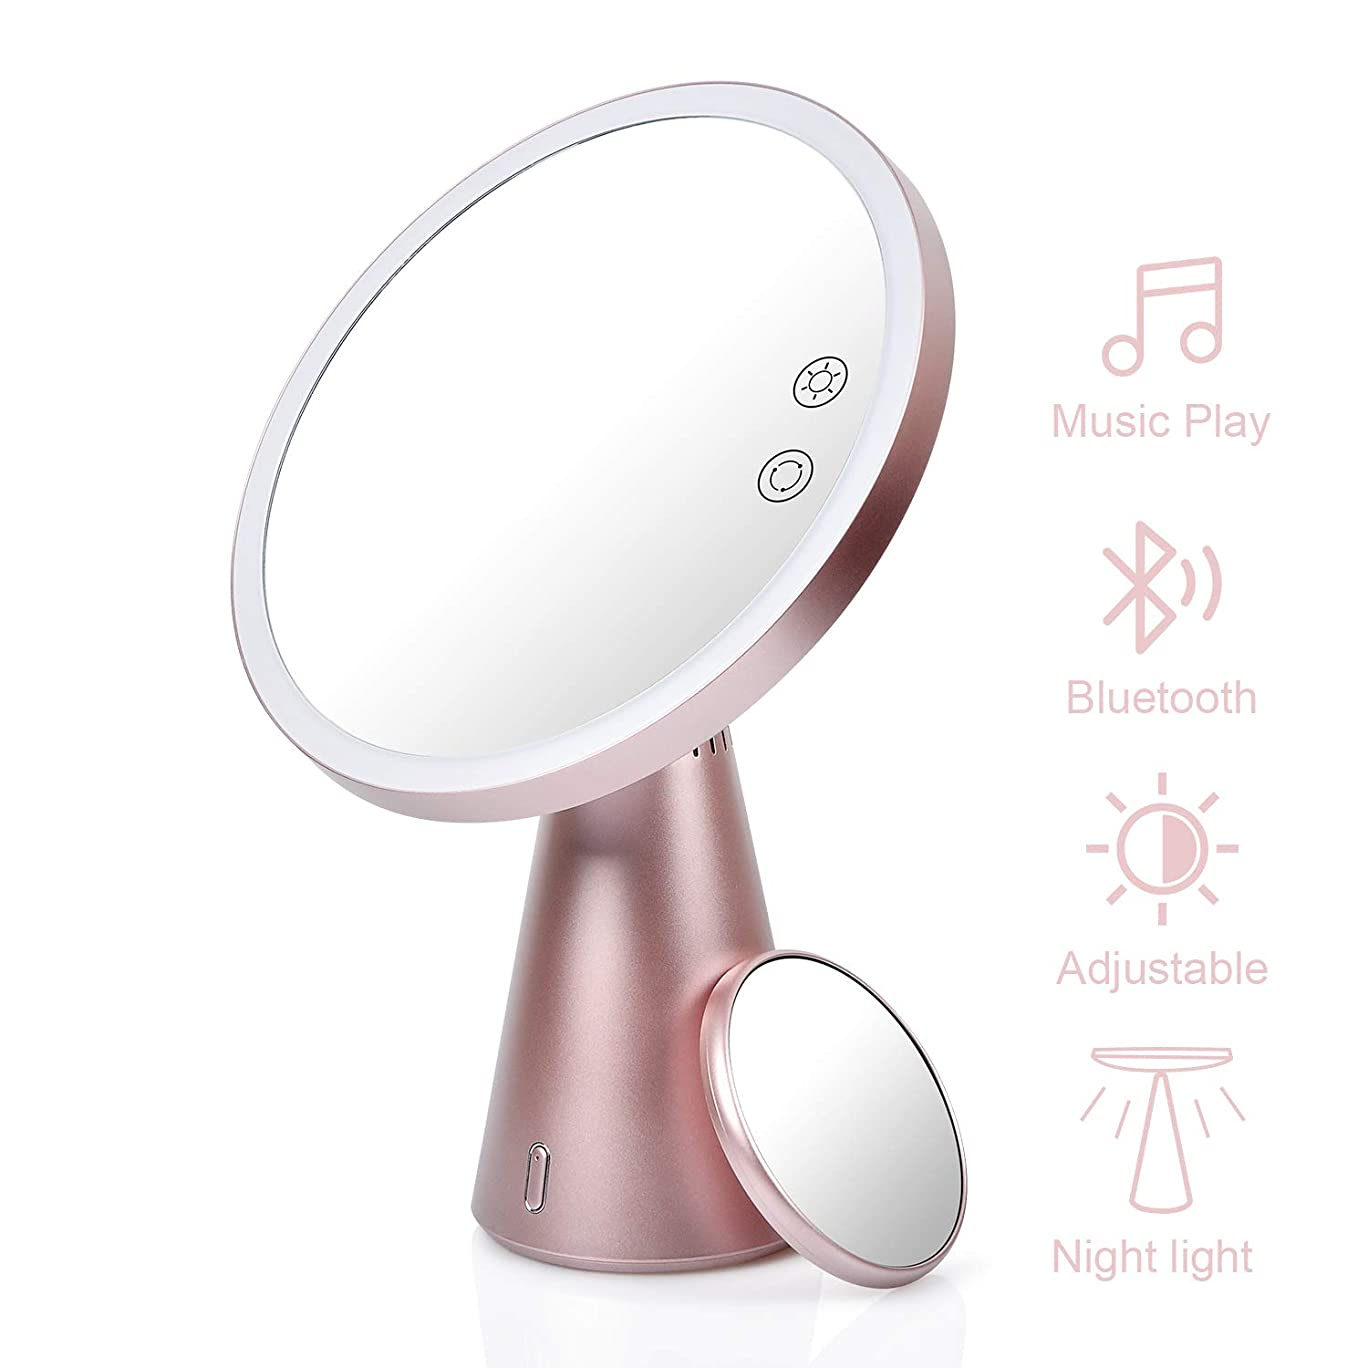 偶然定規マイルストーンライト付きメイクアップミラー Bluetoothスピーカー付き 魅力的な充電式LEDミラーライト 7倍率 調節可能な色 明るさ カウンタートップコスメティックメイクアップ用